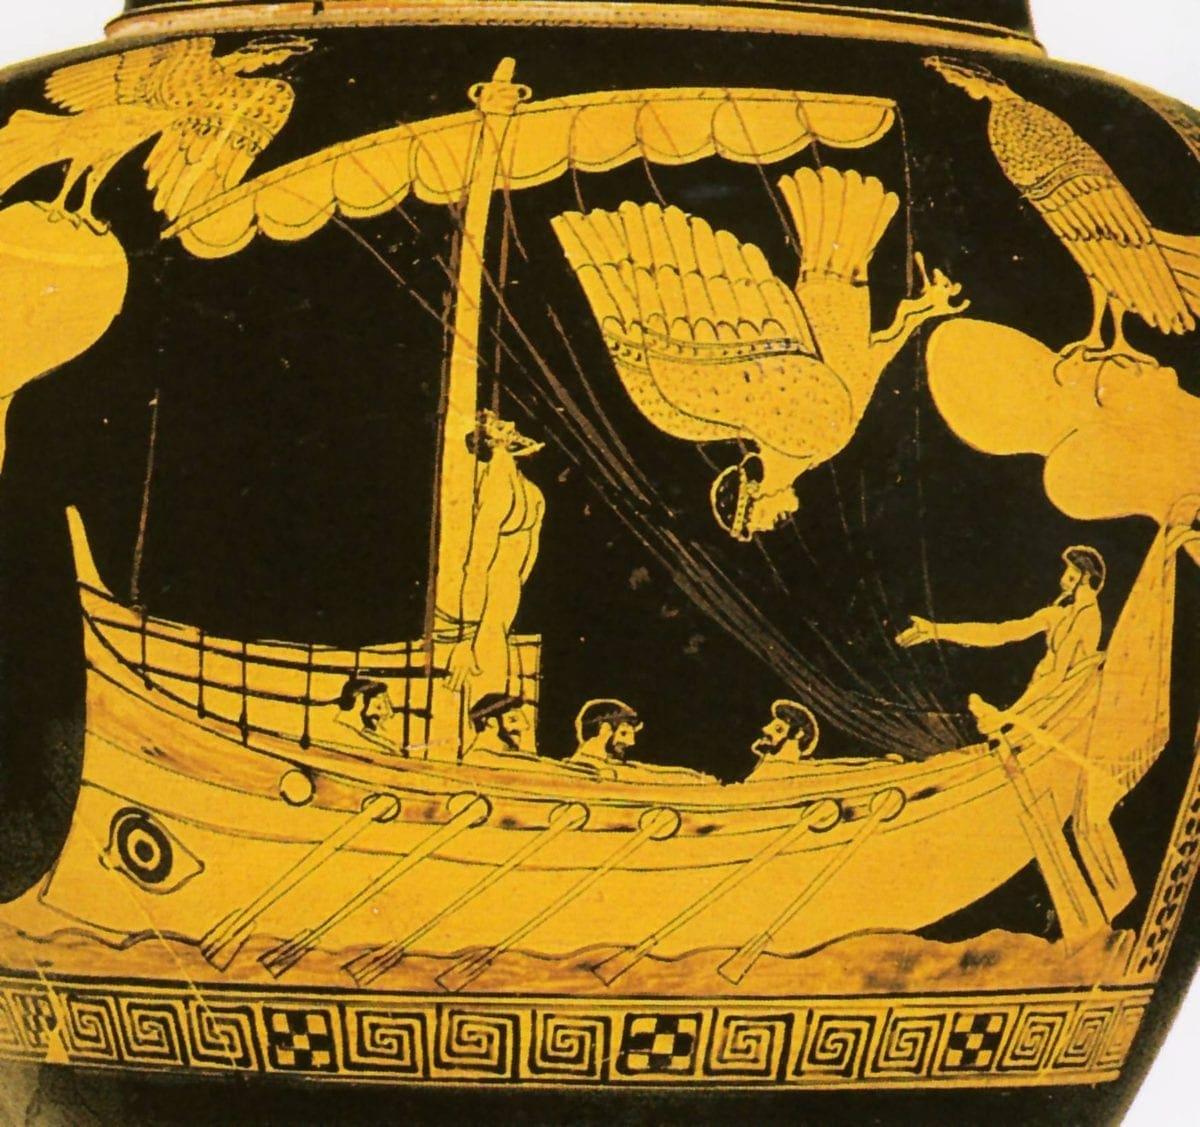 Η Ελληνική θαλασσινή μυθολογία και τα μυθογέννητα Ελληνικά νησιά